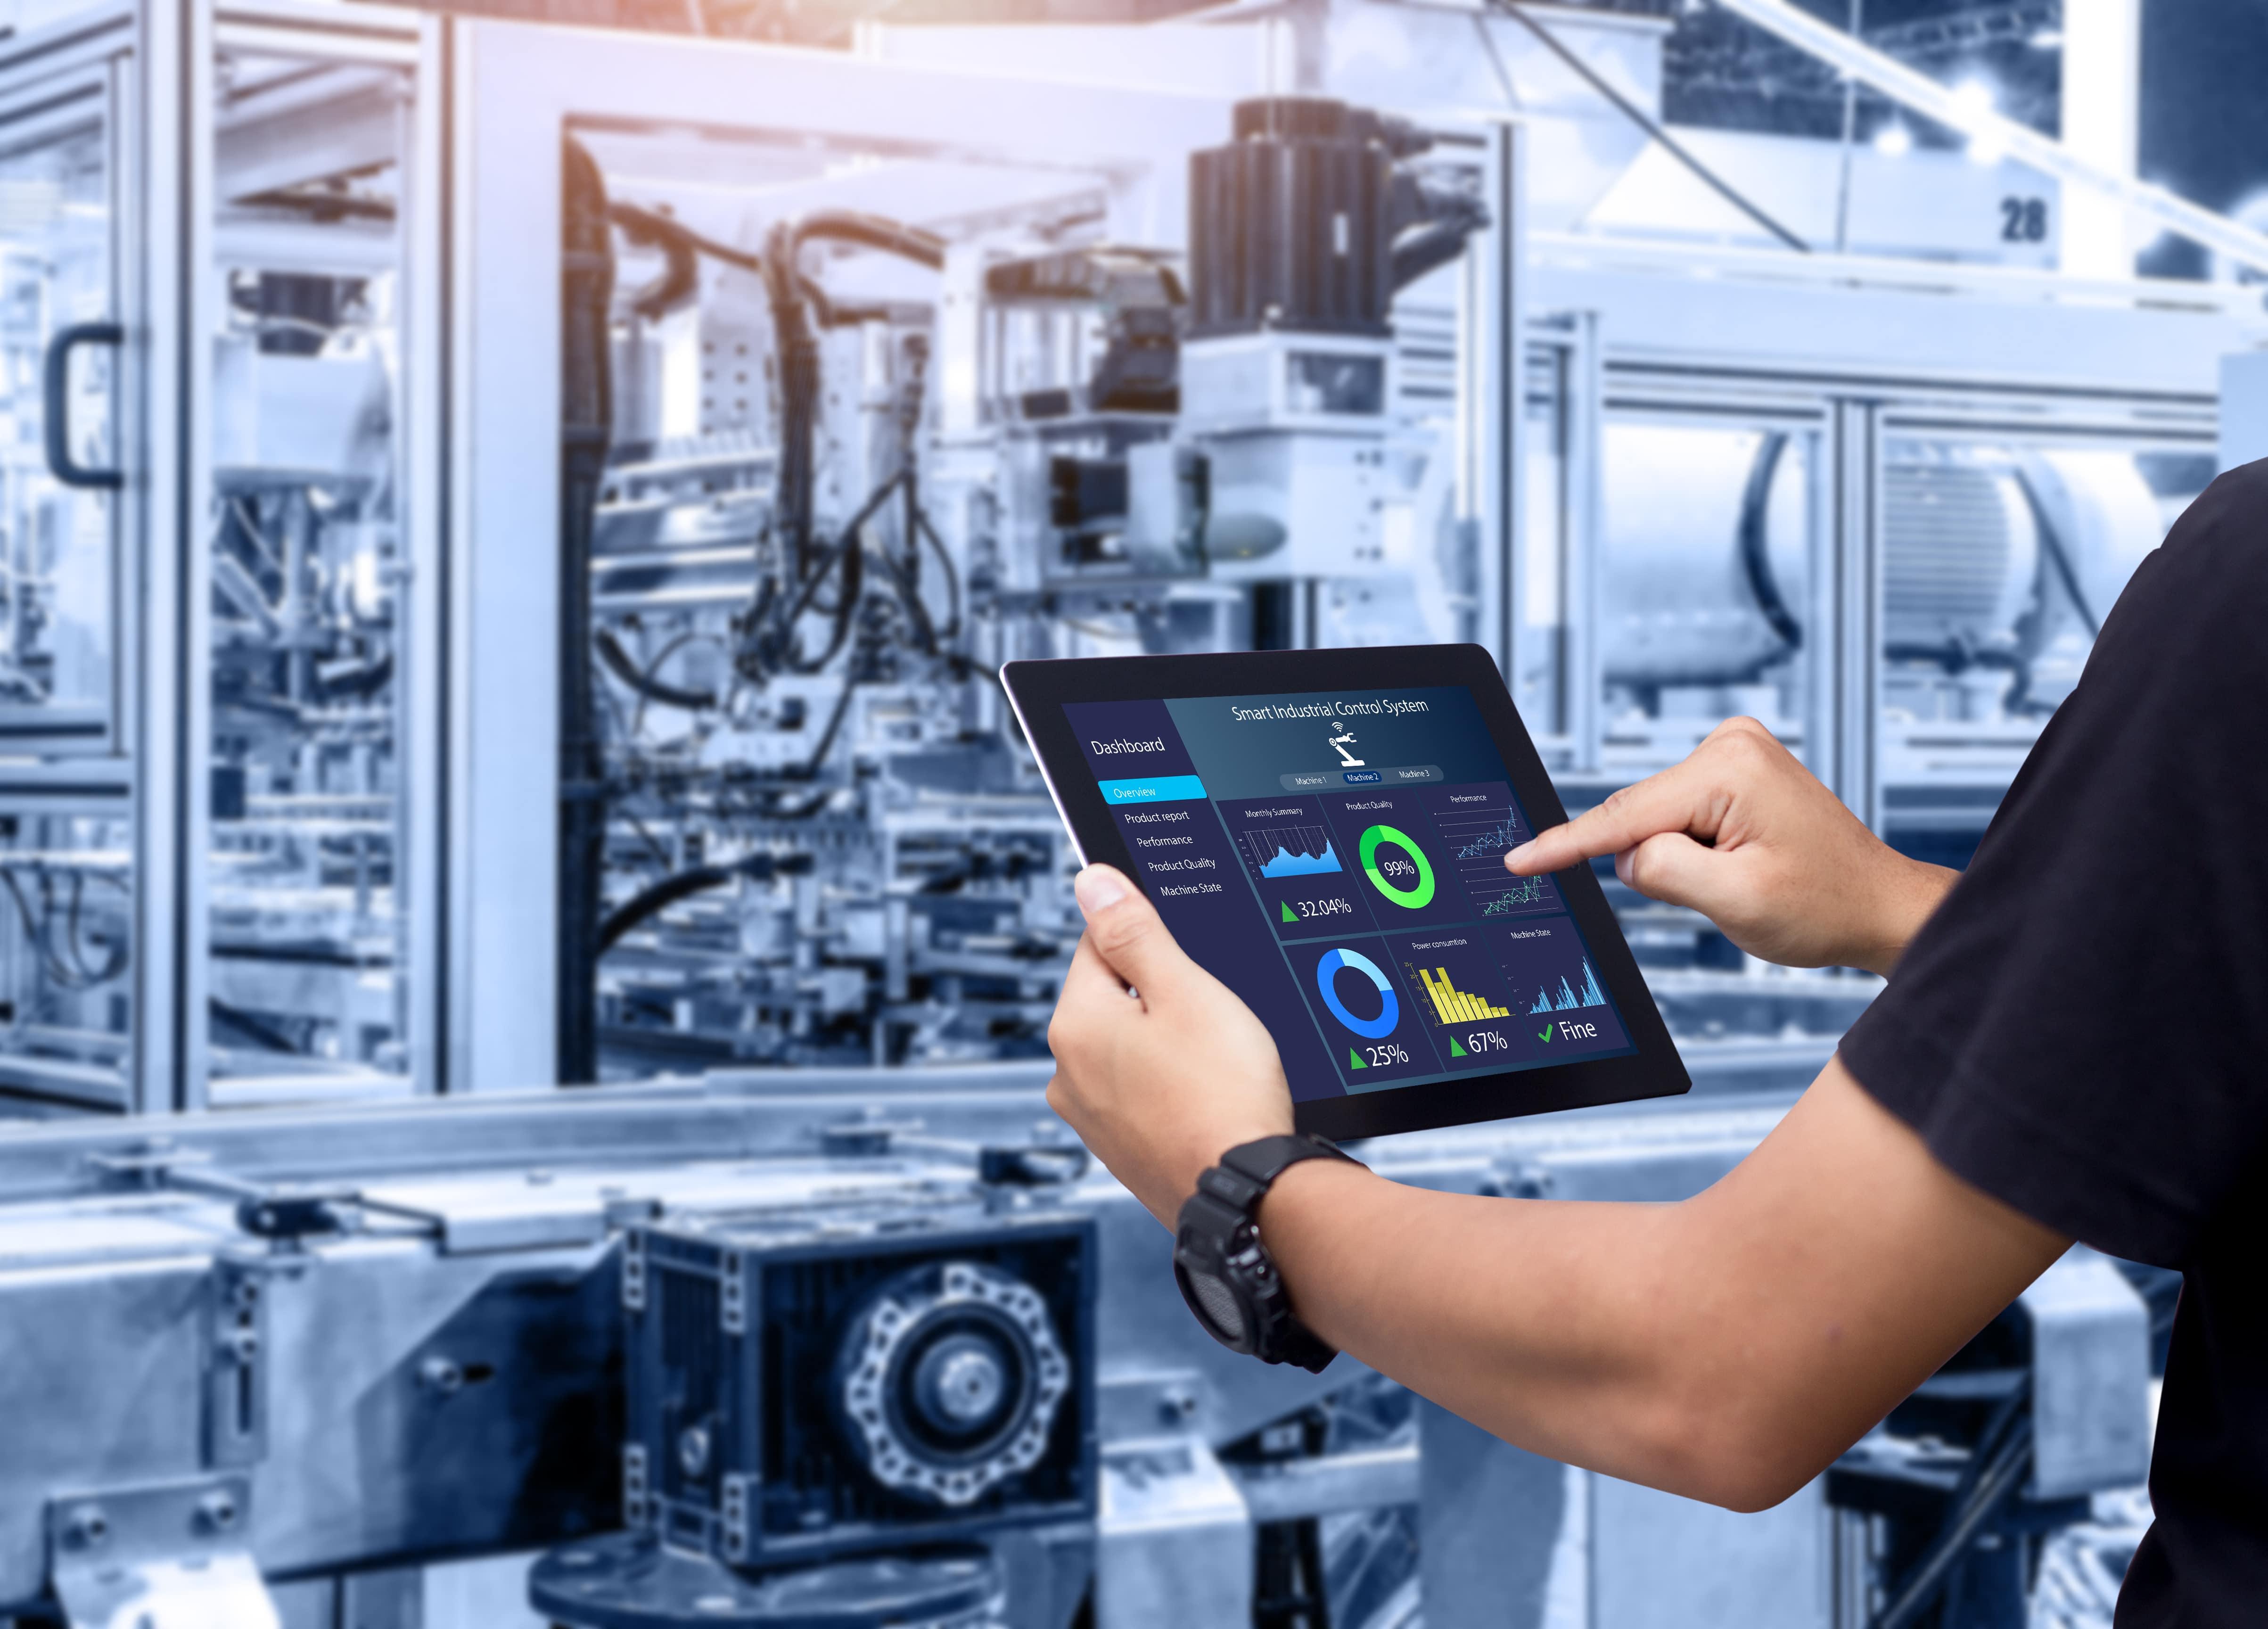 Delivering successful digital transformation